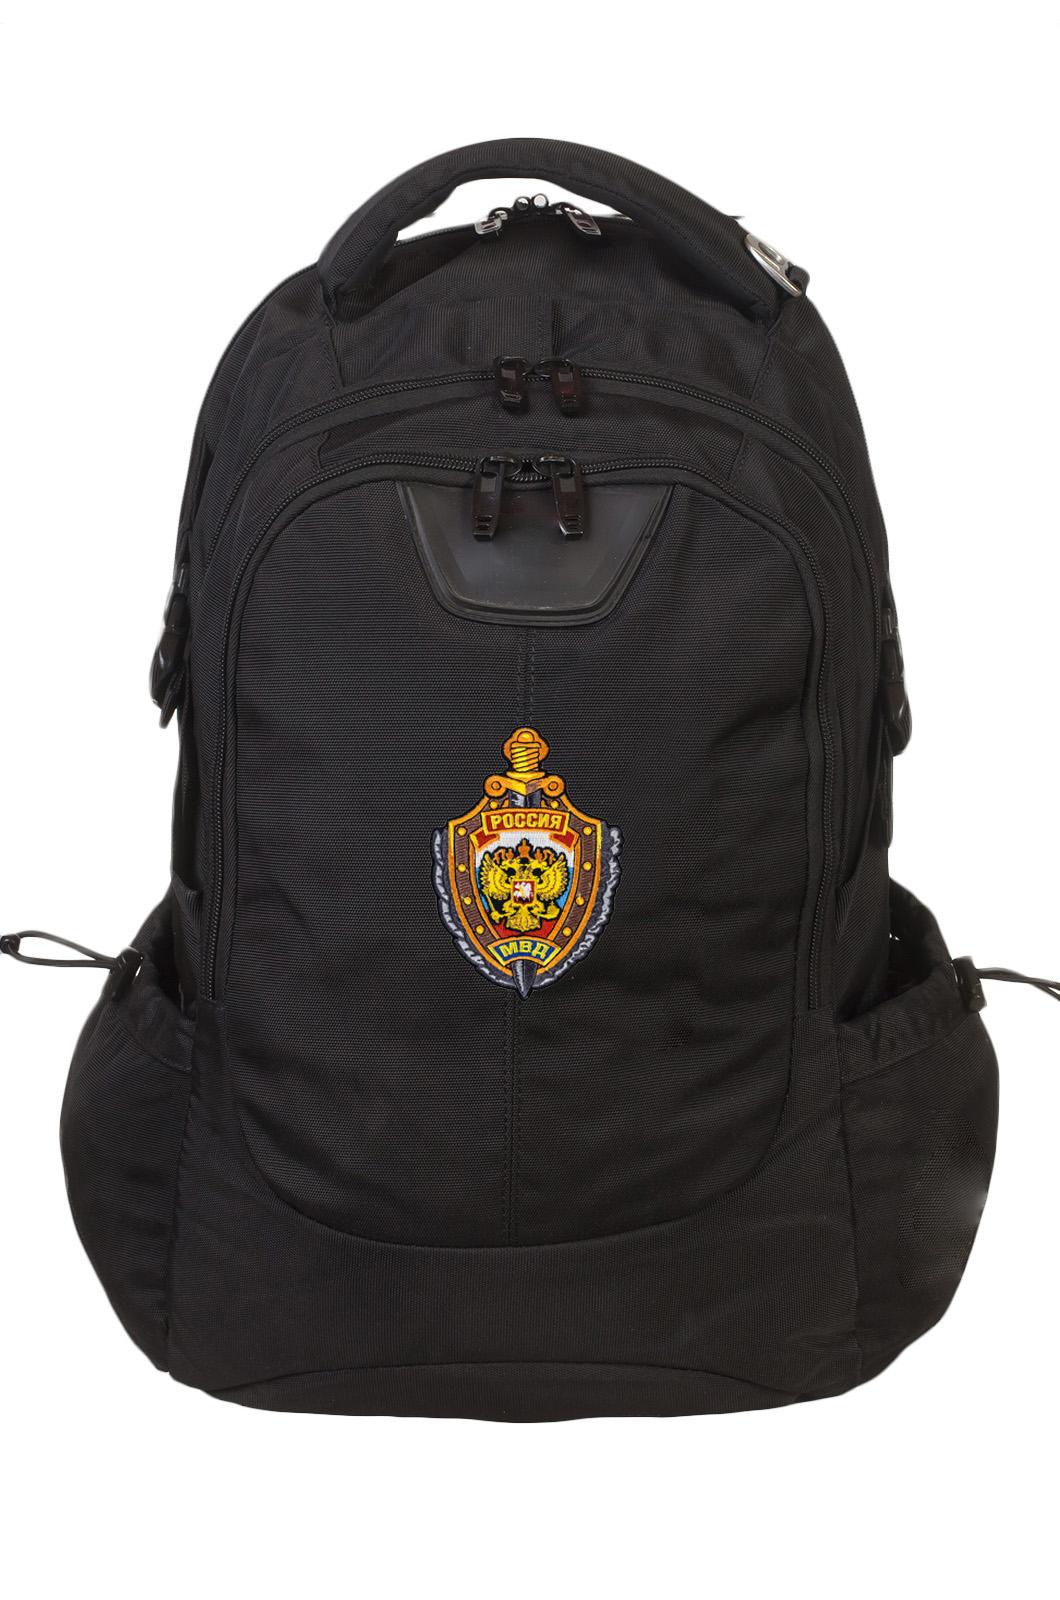 Практичный вместительный рюкзак с нашивкой МВД